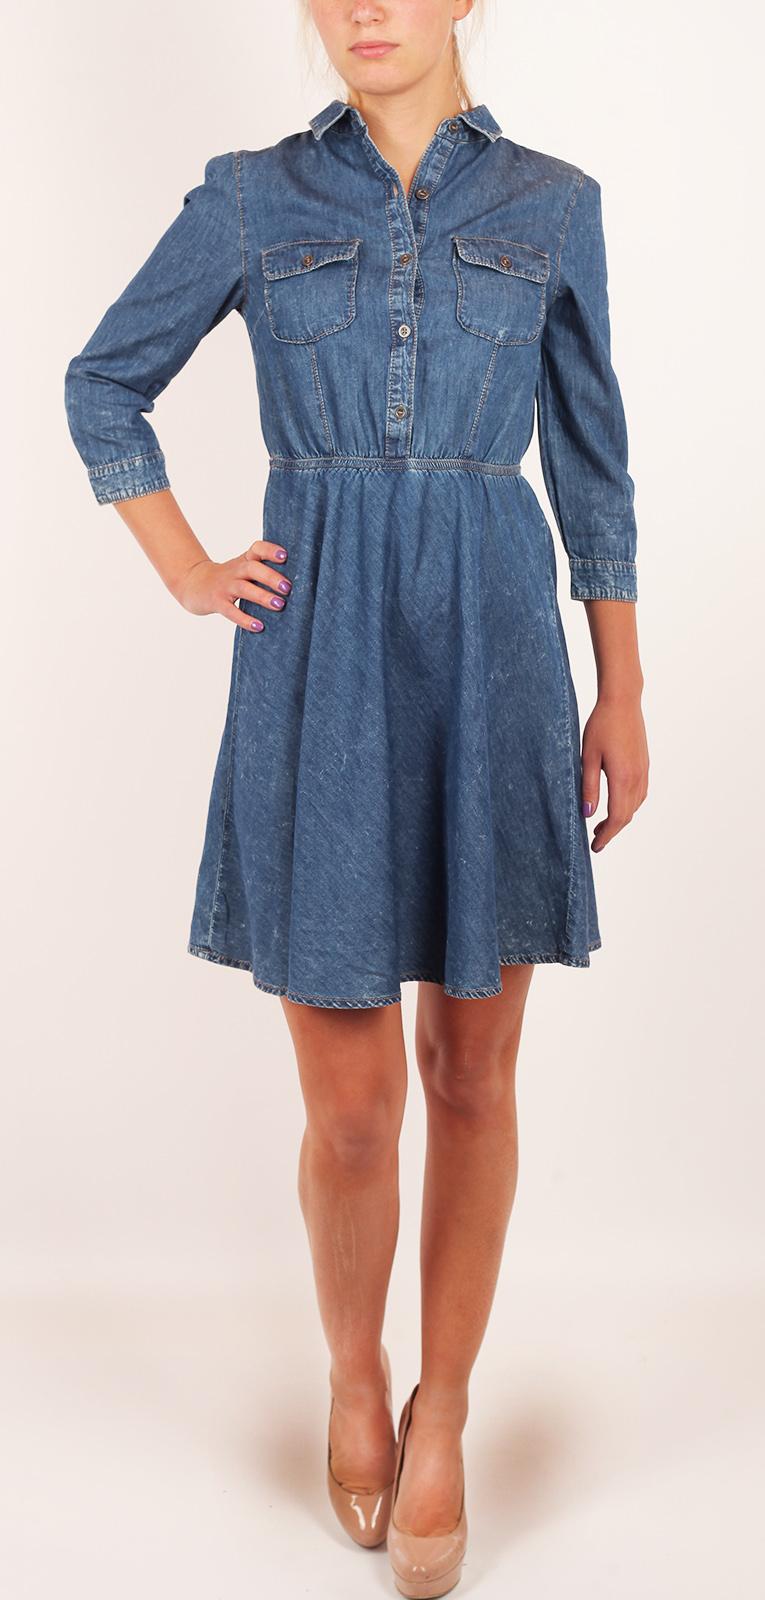 Модное джинсовое платье DNN в стиле бэби долл. Гремучая смесь невинности и соблазна. Кокетливые кармашки на груди, рукав ¾ и обнаженные коленкиджинсовые платья купить магазин